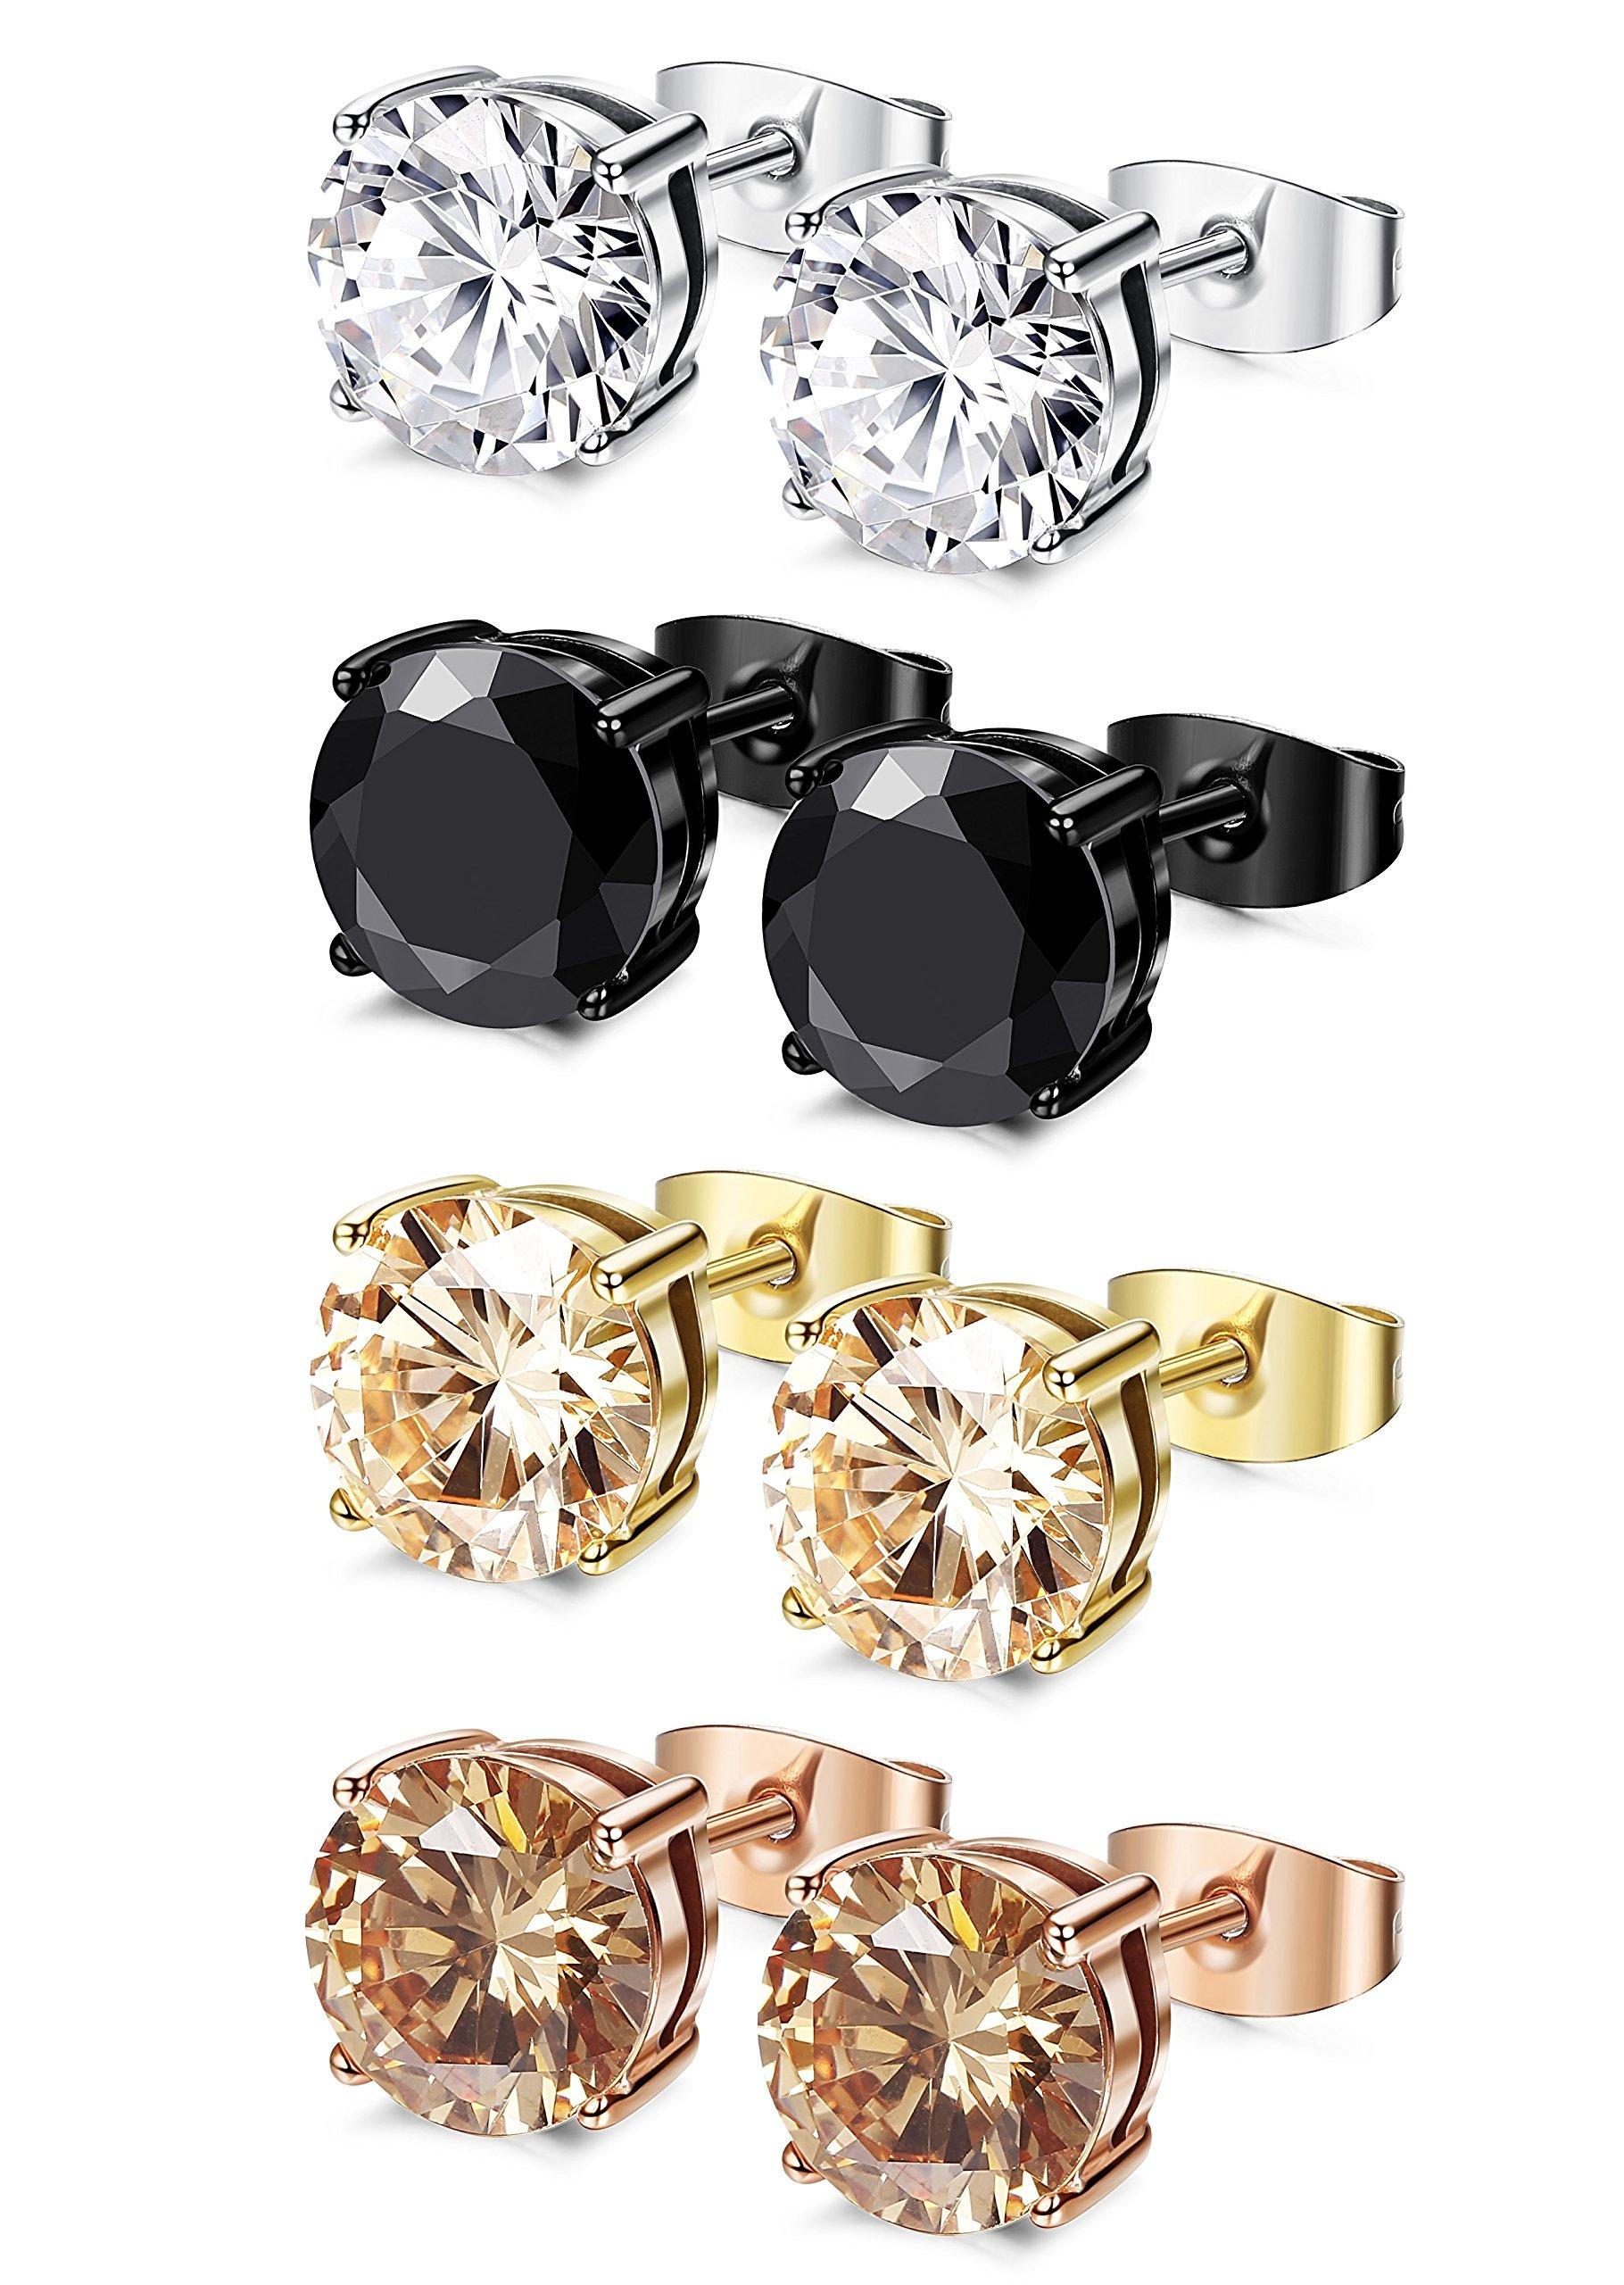 FIBO STEEL 4 Pairs Stainless Steel Round Stud Earrings for Men Women Ear Piercing Earrings Cubic Zirconia Inlaid,6 mm